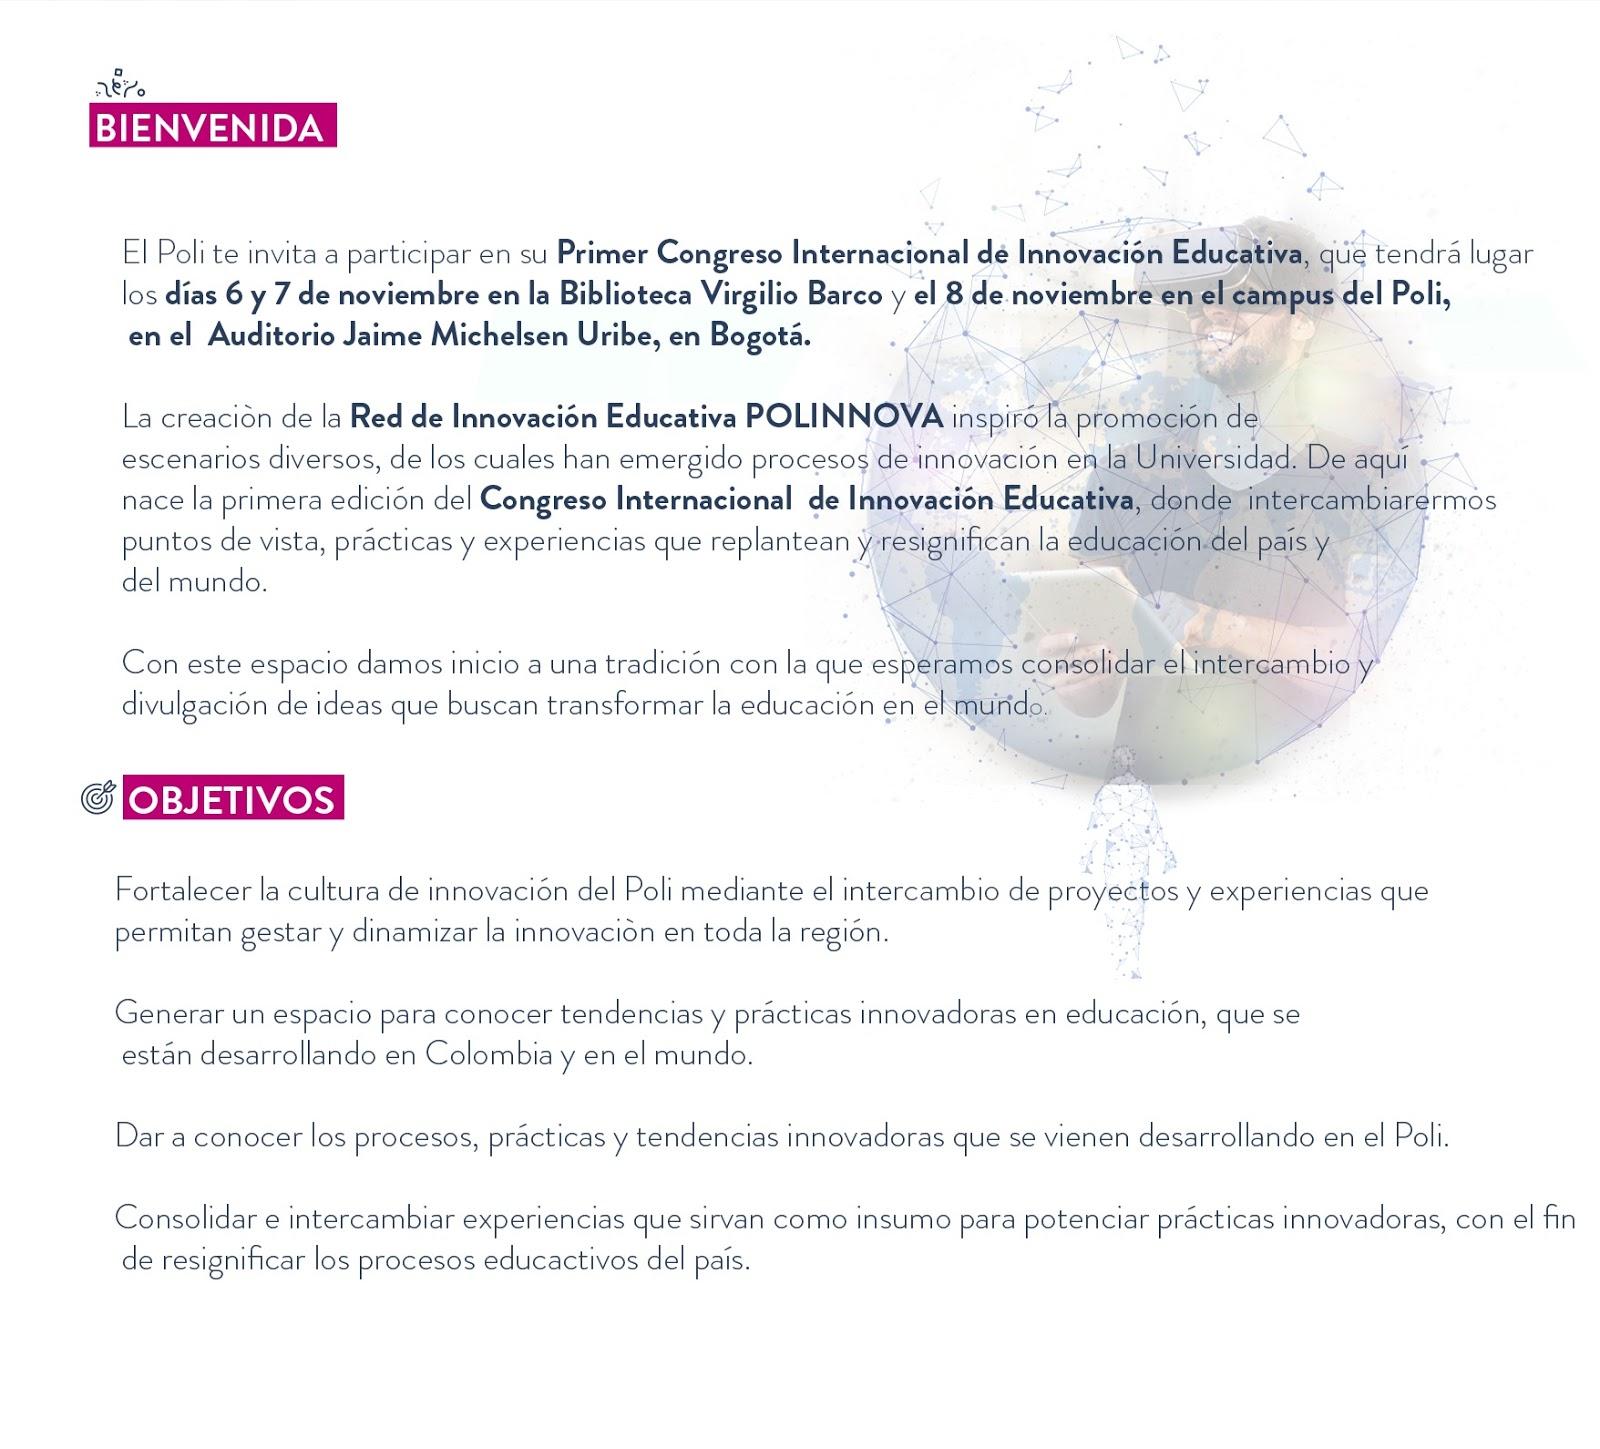 Primer Congreso Internacional De Innovacin Educativa Poligran 2008 Ford Focus Diagrama La Banda Juntos Trabajamos Por El Futuro Educacin Con Una Formacin Superior Calidad Que Llegue A Todo Colombia Https Tco 8pcx0yf71d